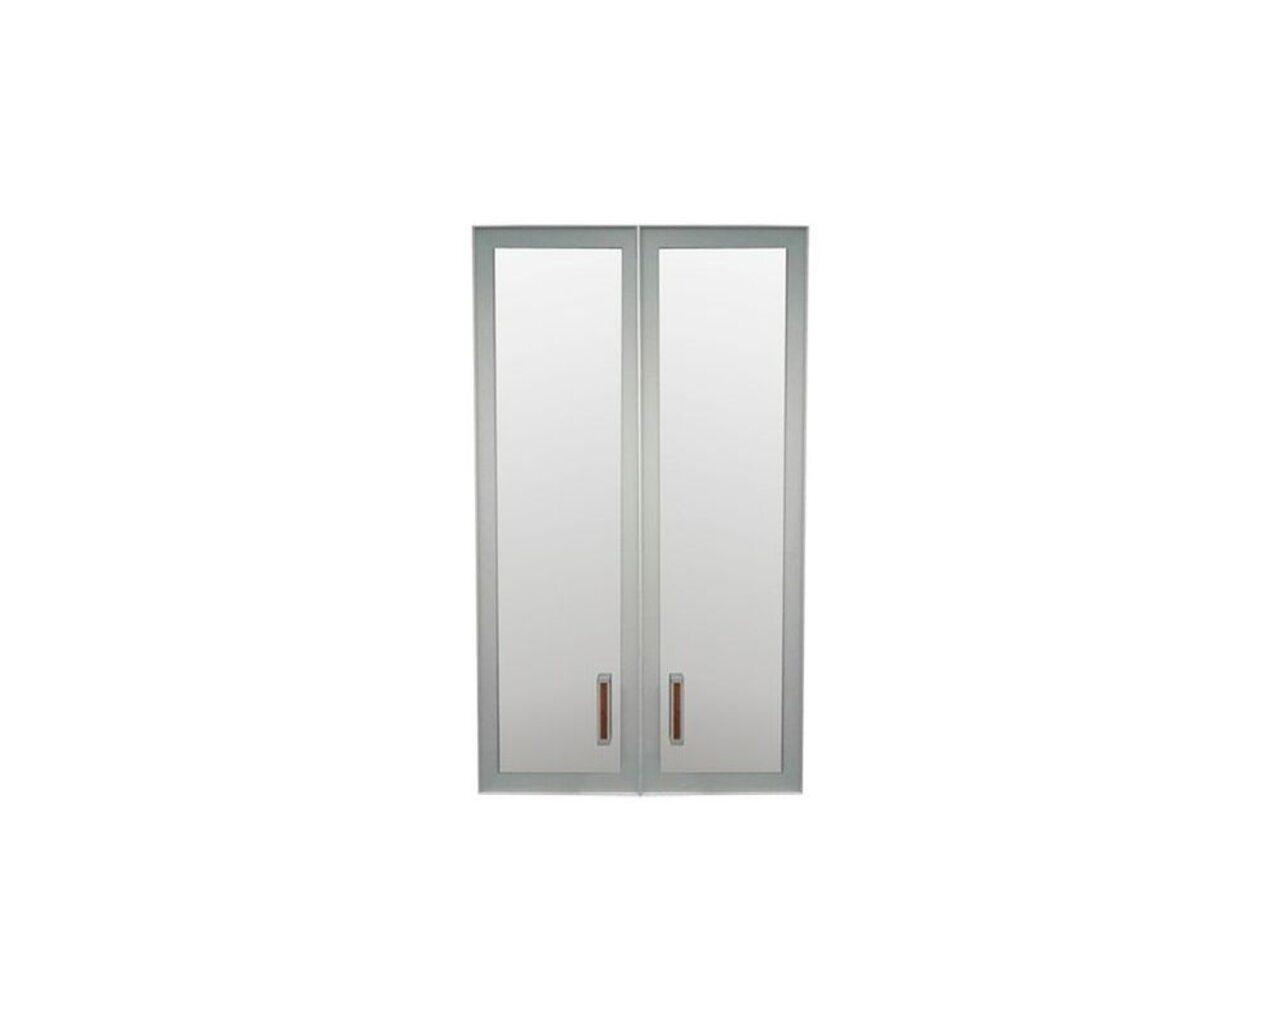 Двери стеклянные К-981 (дуб венге)  Приоритет II 72x2x117 - фото 1